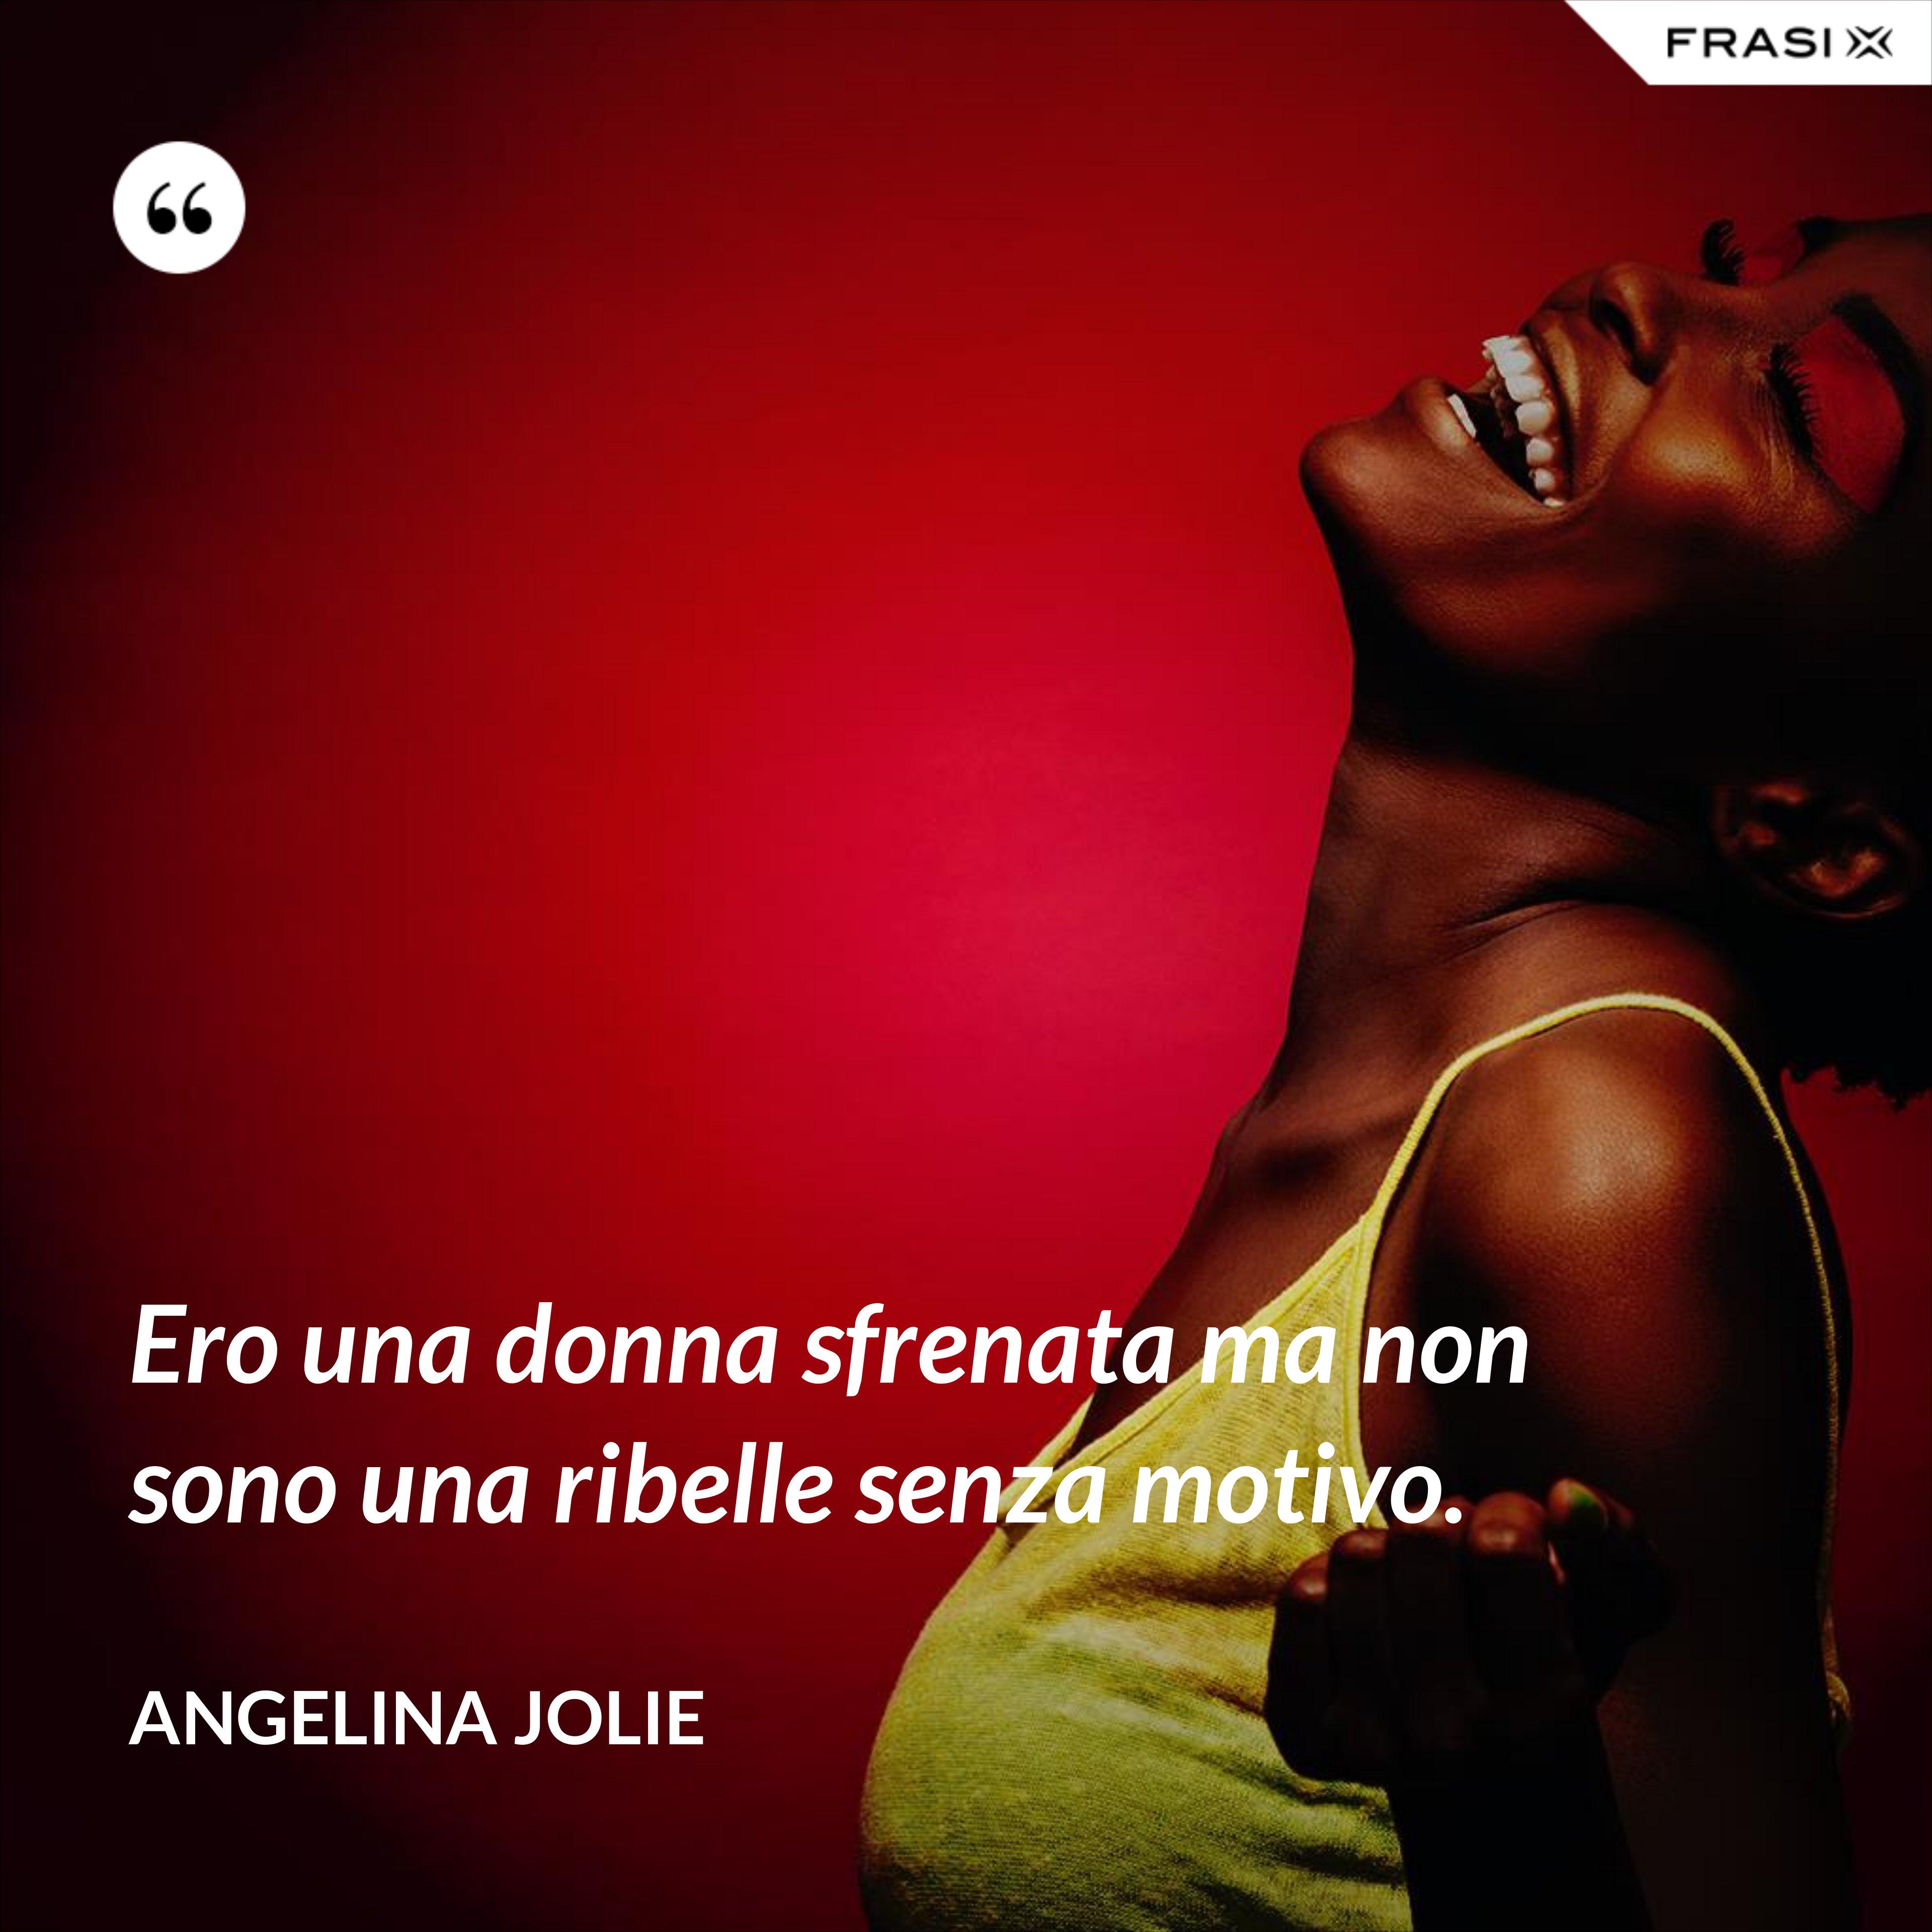 Ero una donna sfrenata ma non sono una ribelle senza motivo. - Angelina Jolie